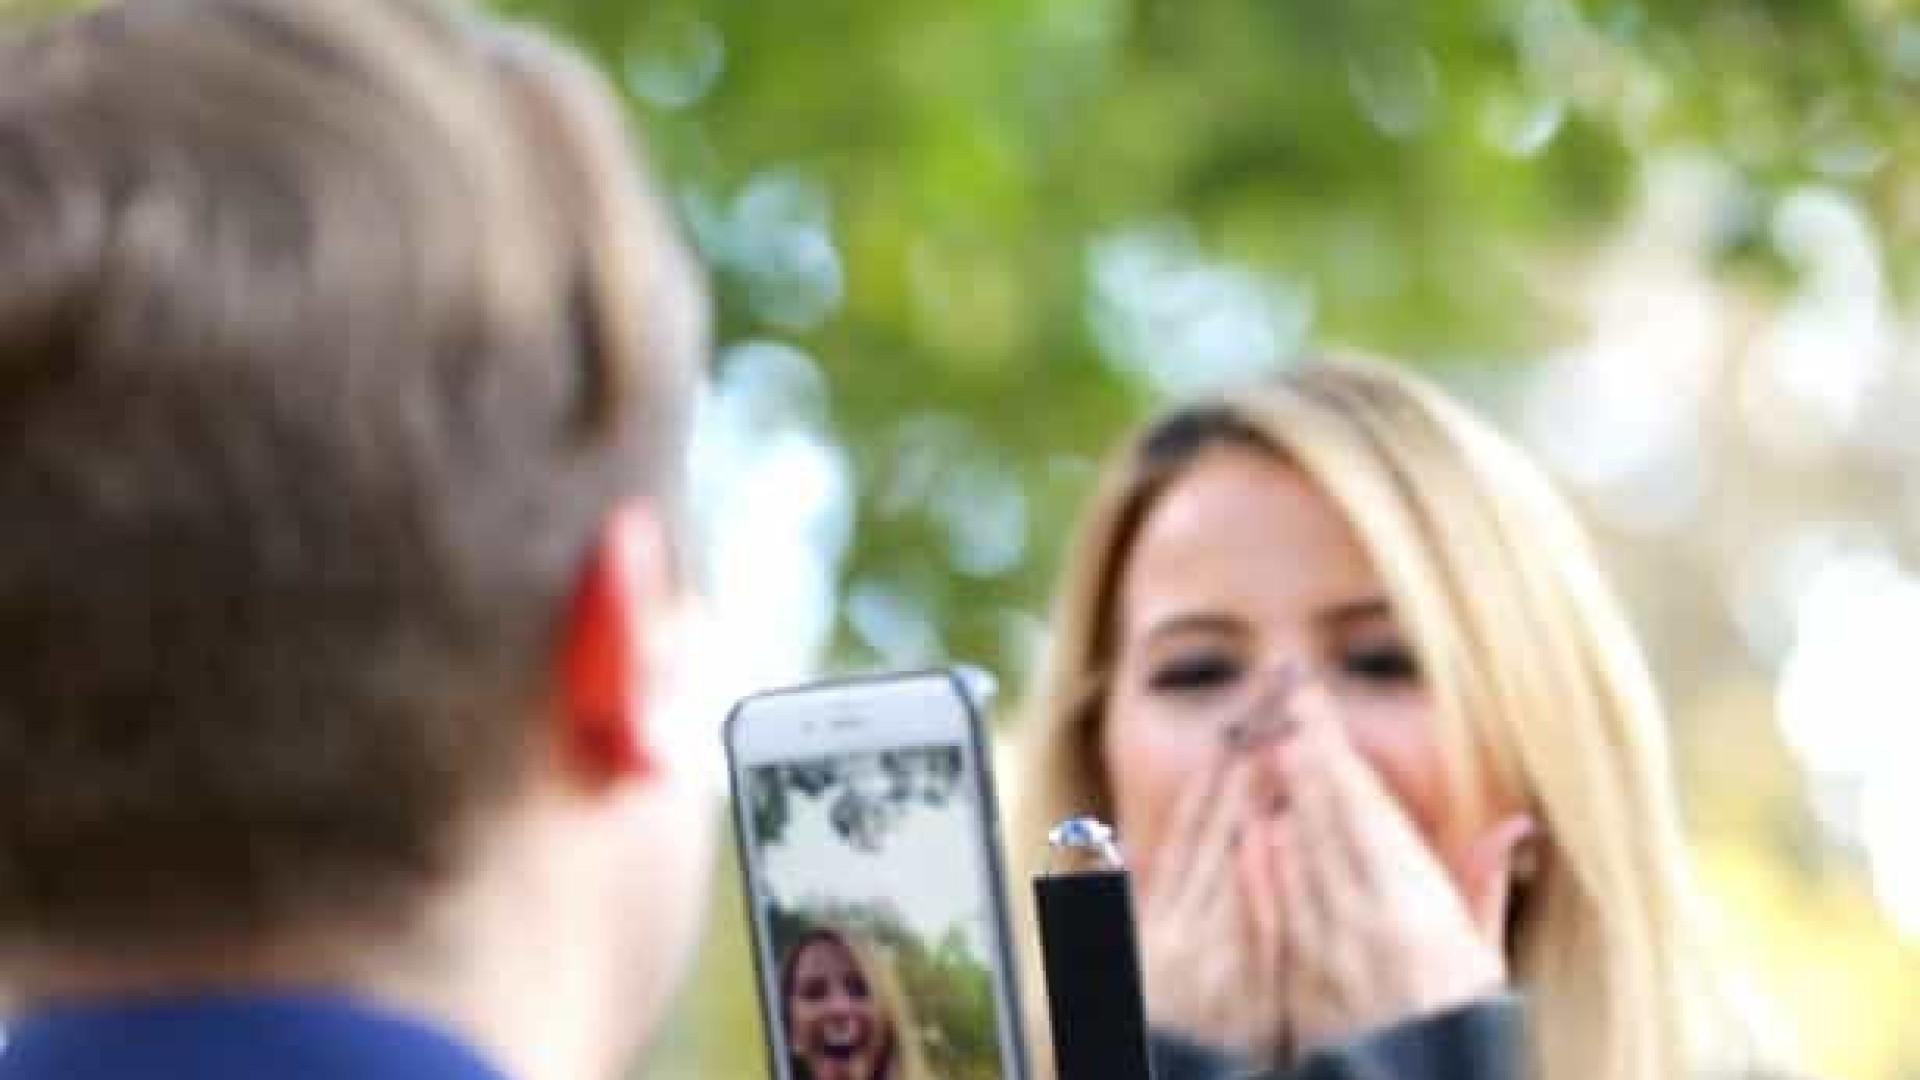 Quer filmar o pedido de casamento? Esta invenção vai ser útil